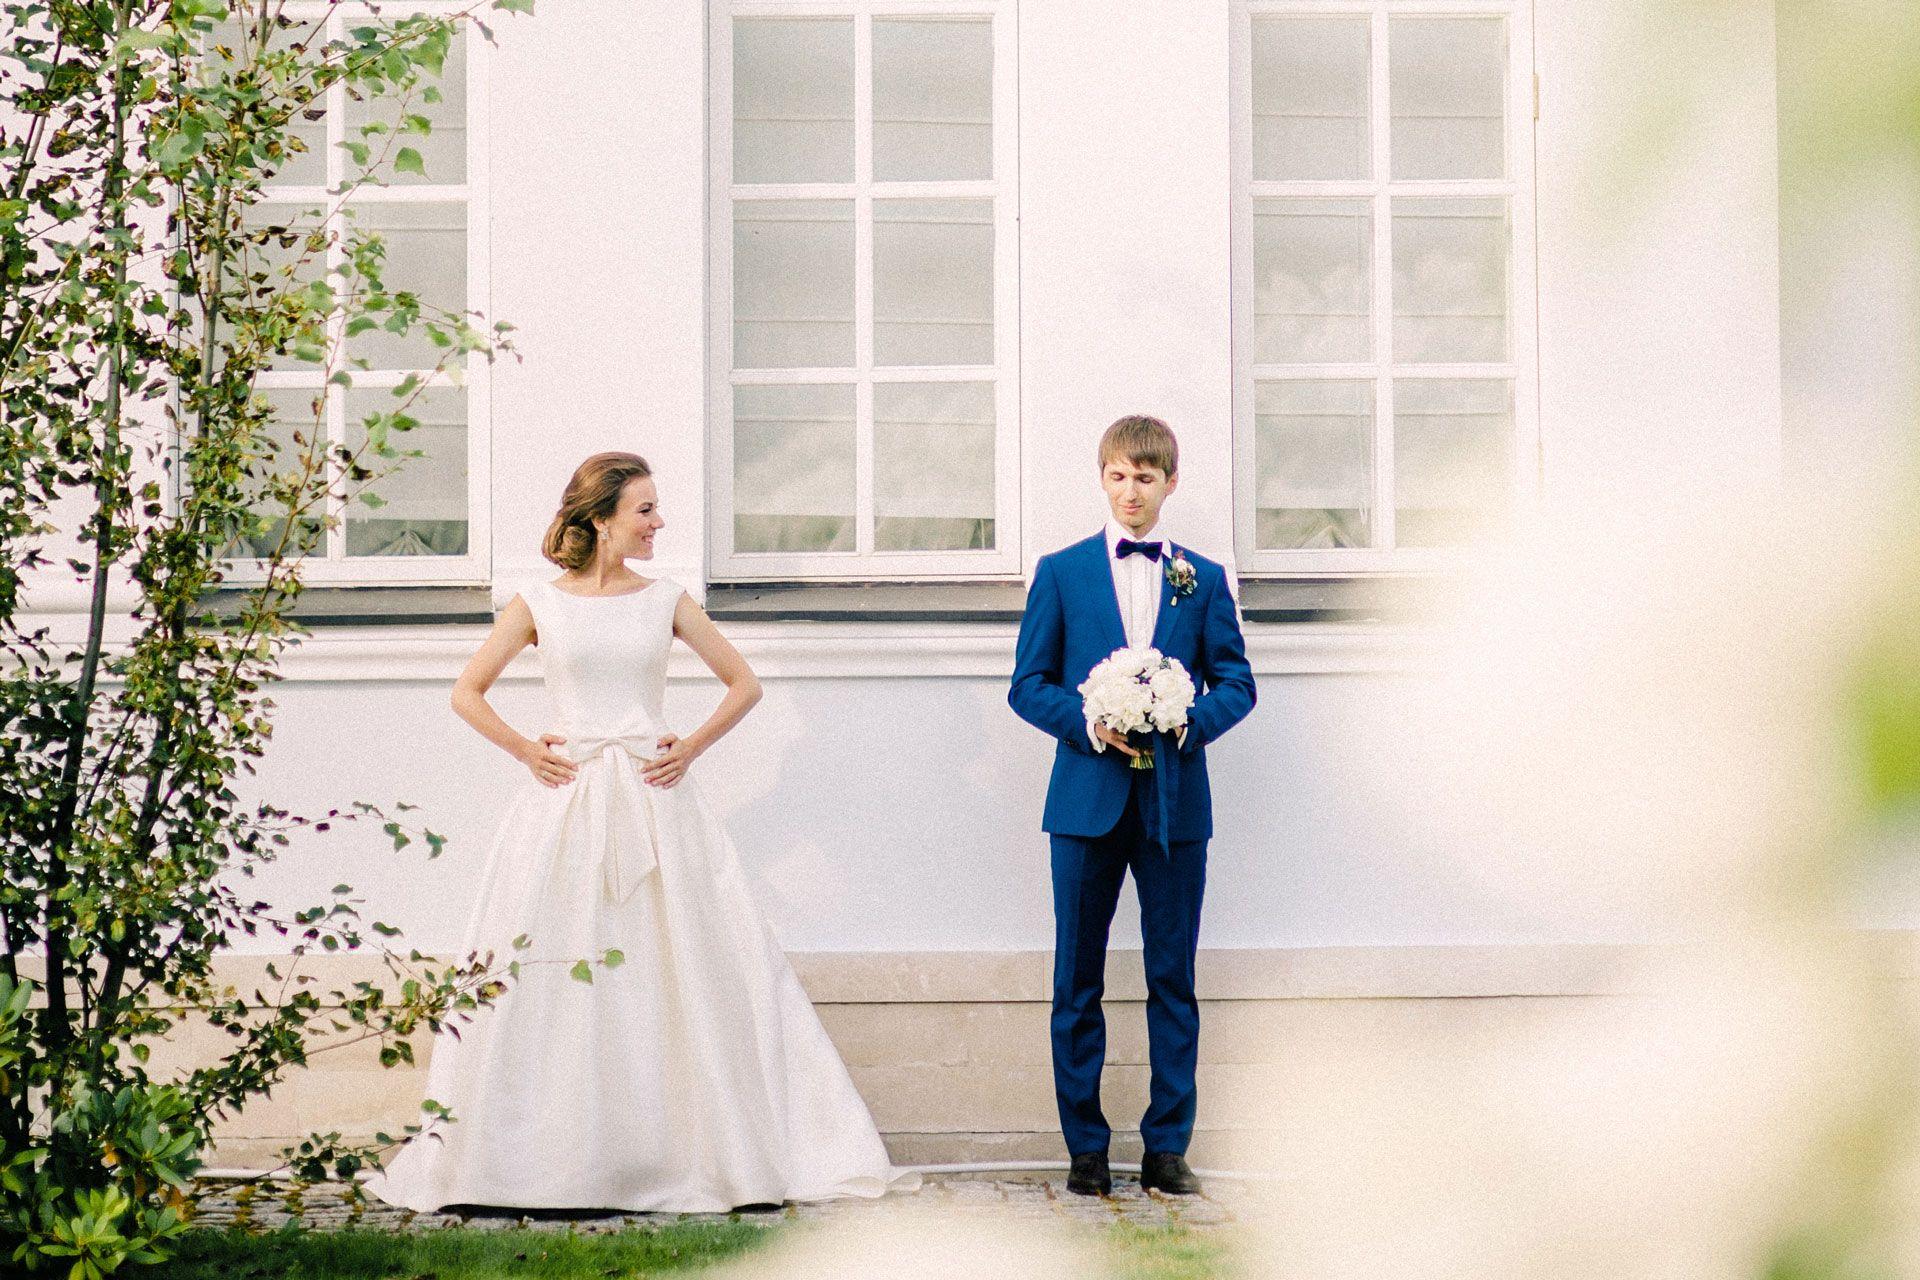 Вечер при свечах. Свадьба Николая и Кристины фото 20